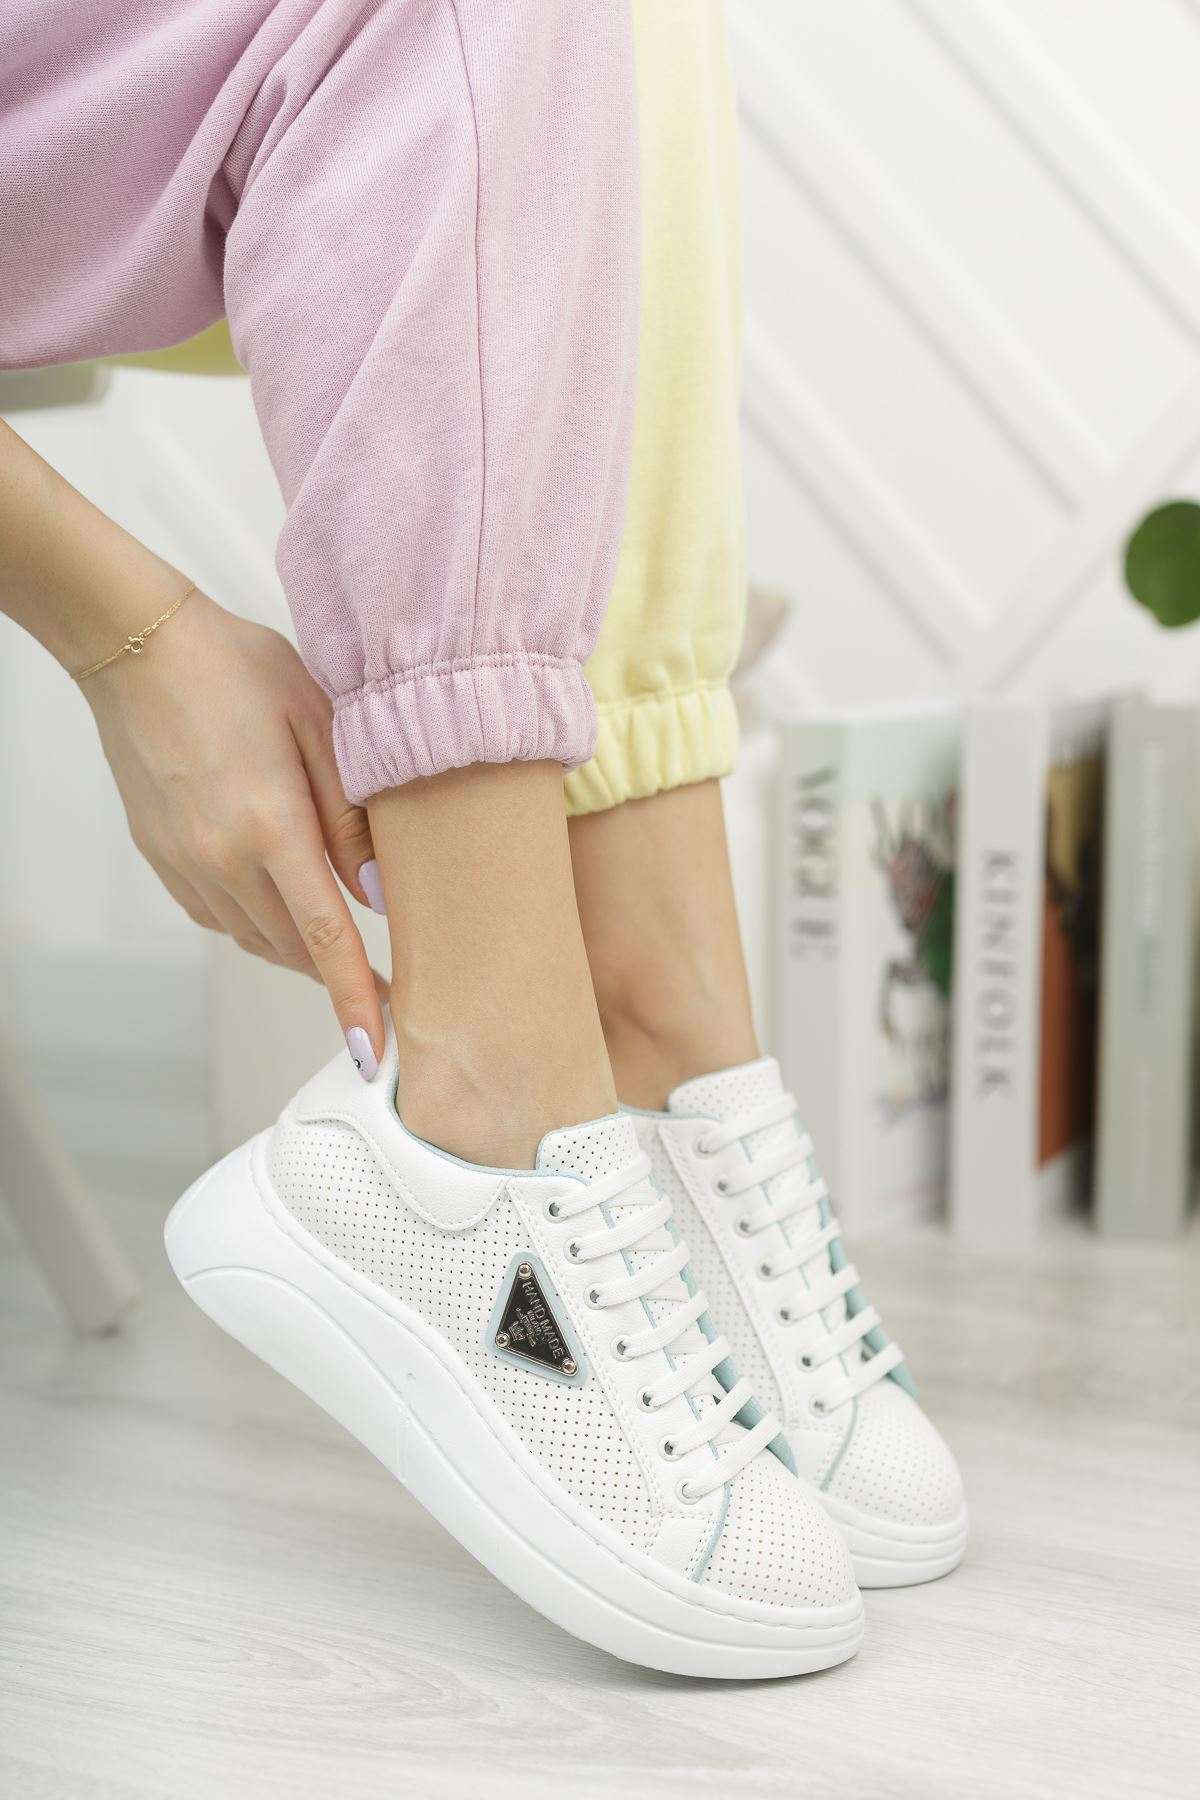 Kadın Lestas Kalın Taban Beyaz Mavi Spor Ayakkabı Bağcıklı Mat Deri